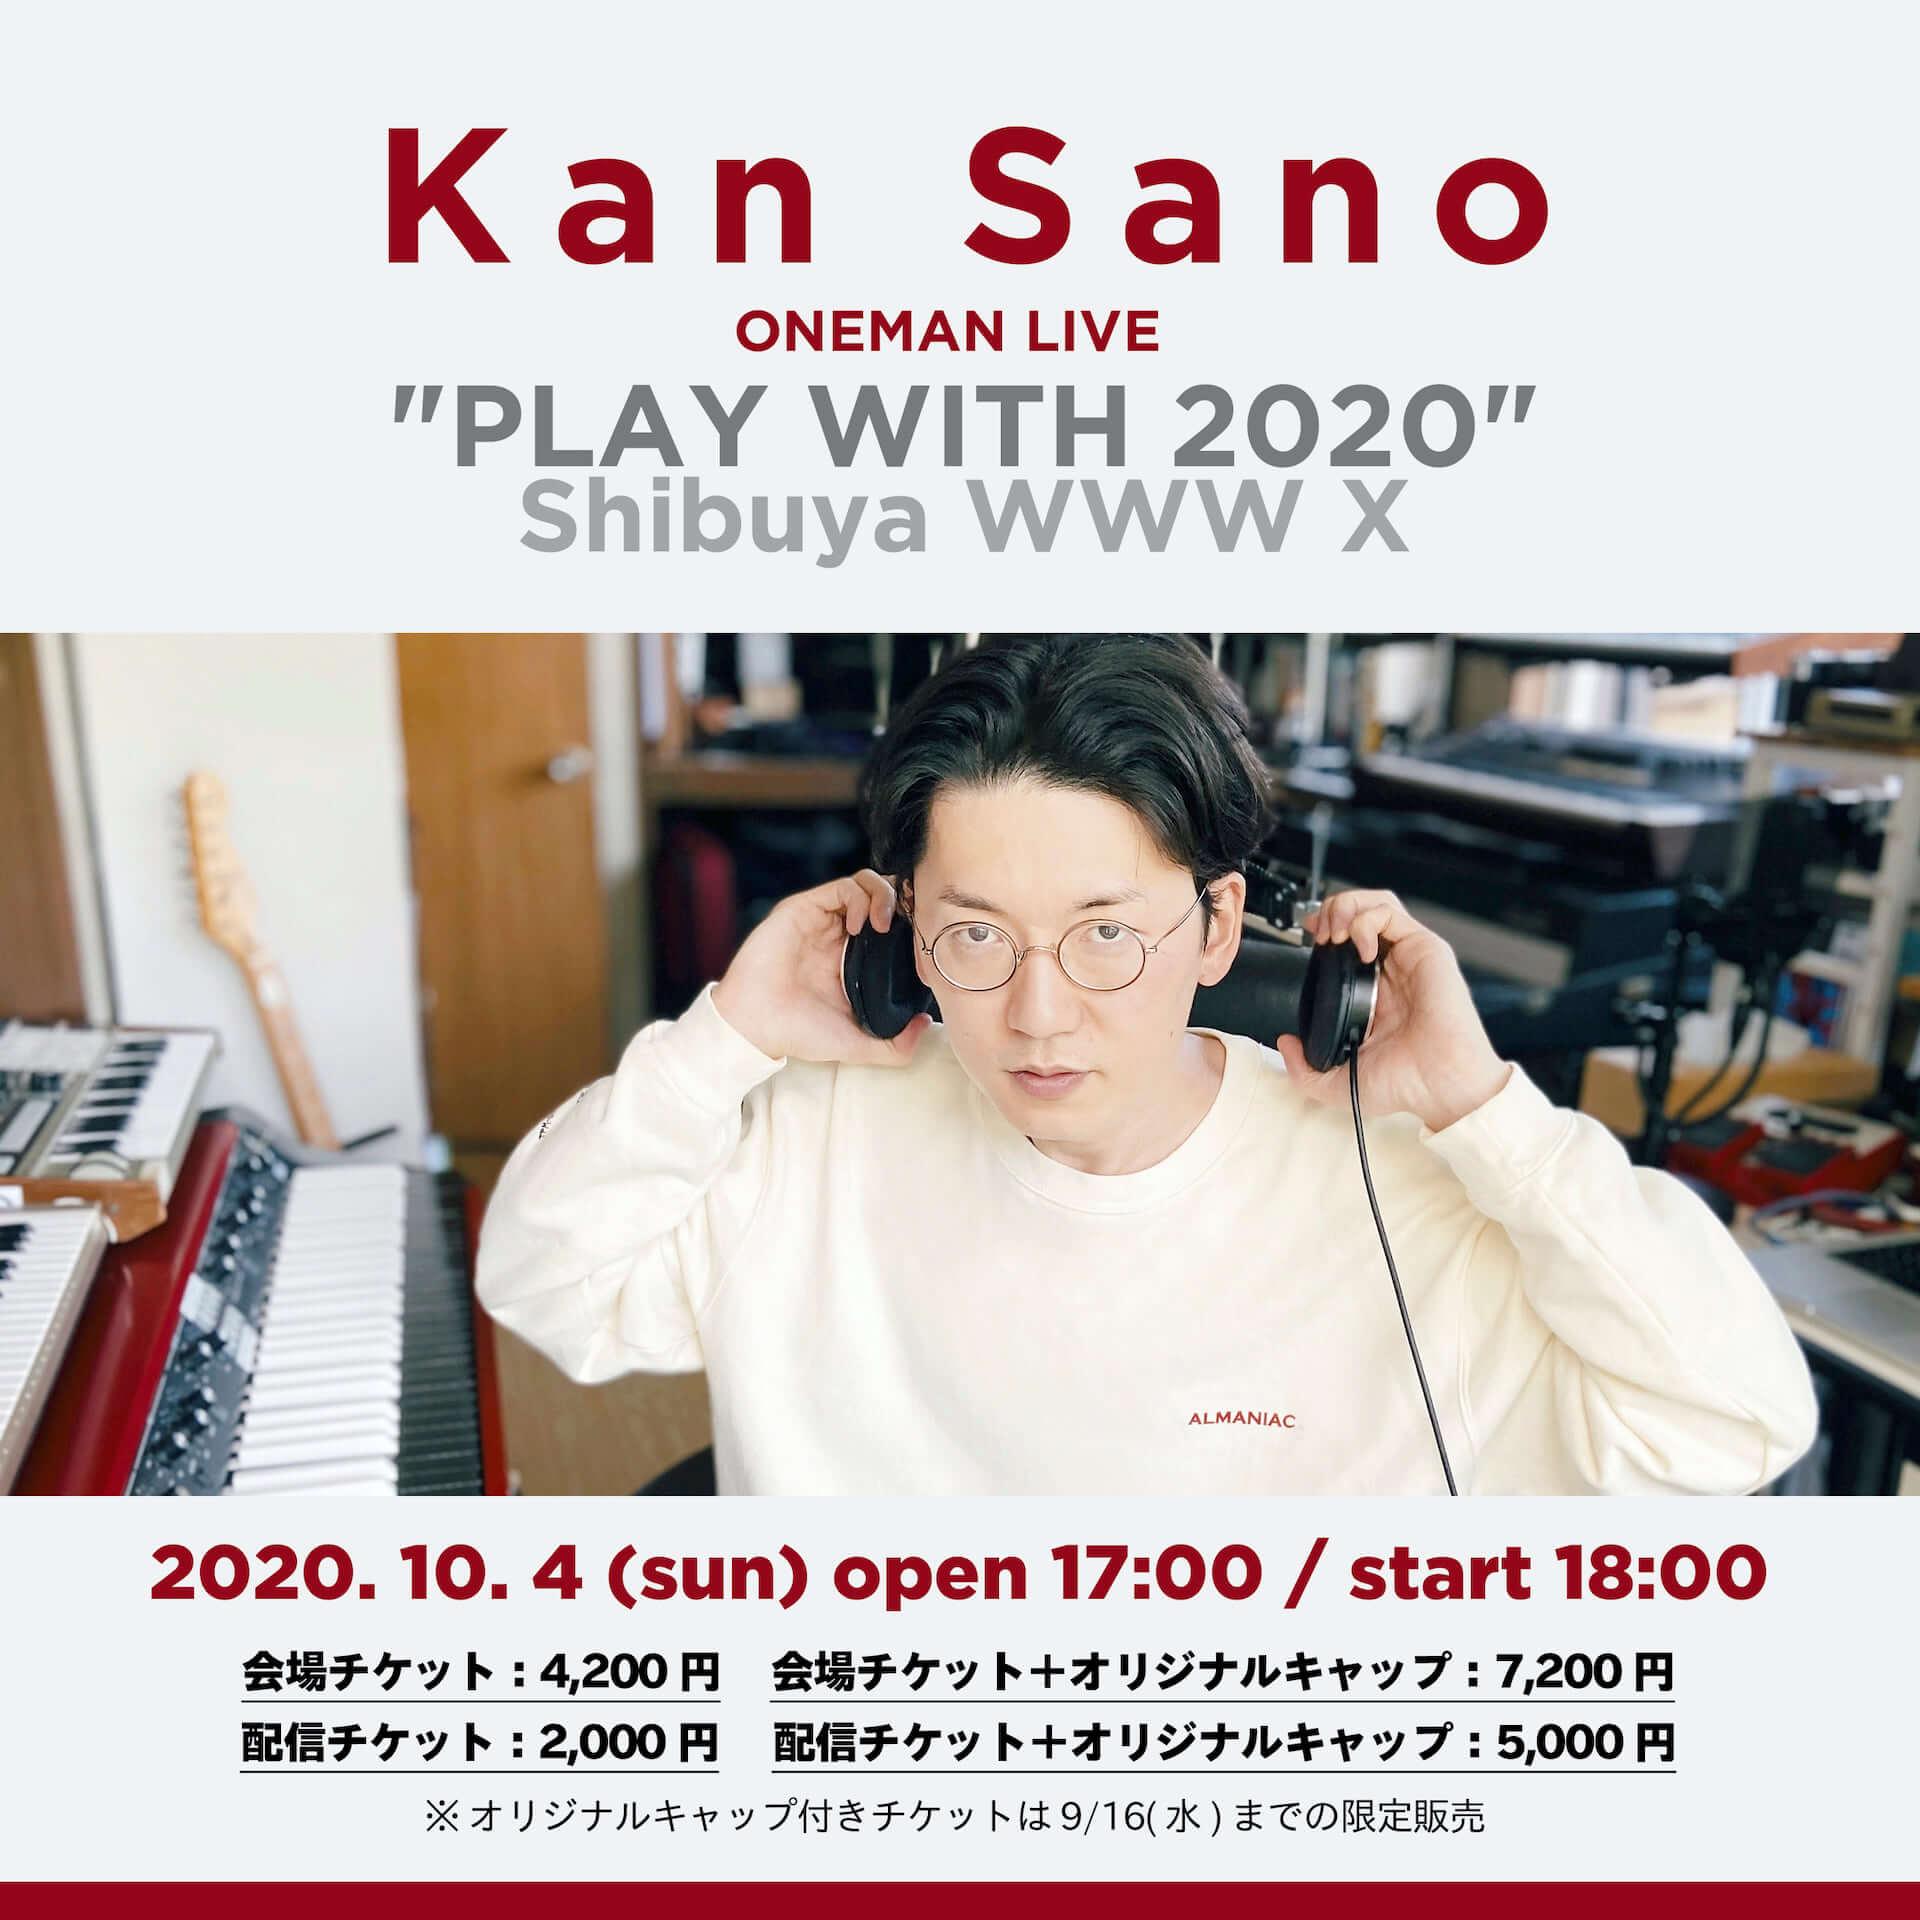 Kan Sanoがバンド編成でのワンマンライブを渋谷WWW Xで開催決定!コーデュロイ仕様の新作キャップも登場 music200914_kansano_3-1920x1920